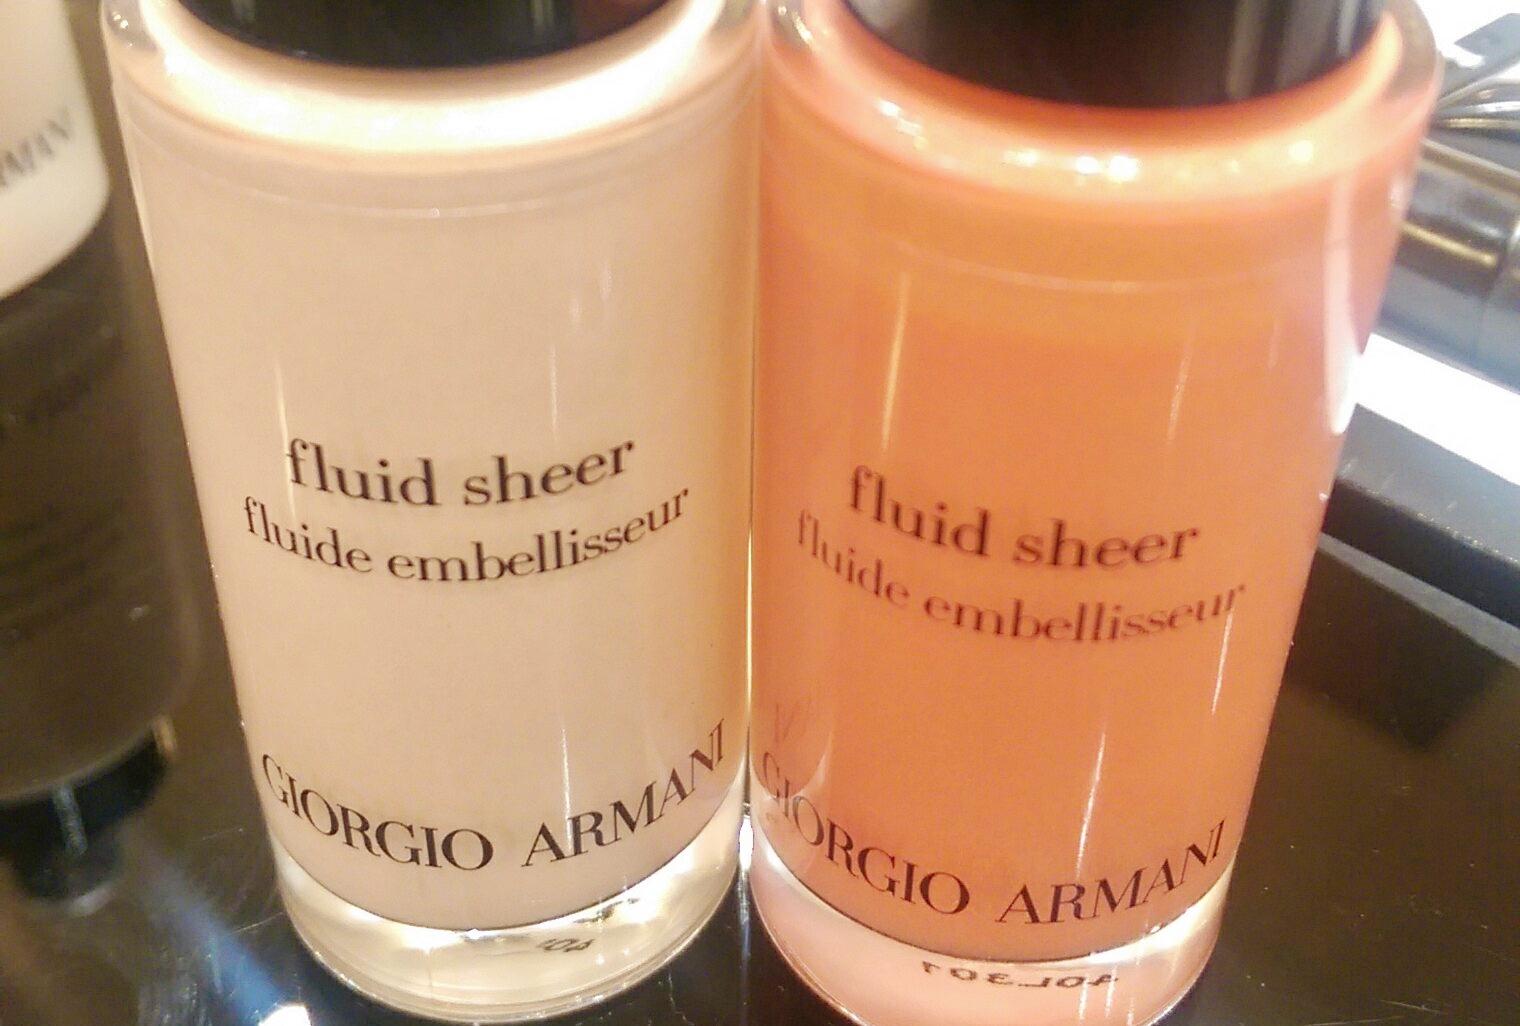 Giorgio Armani Fluid Sheer